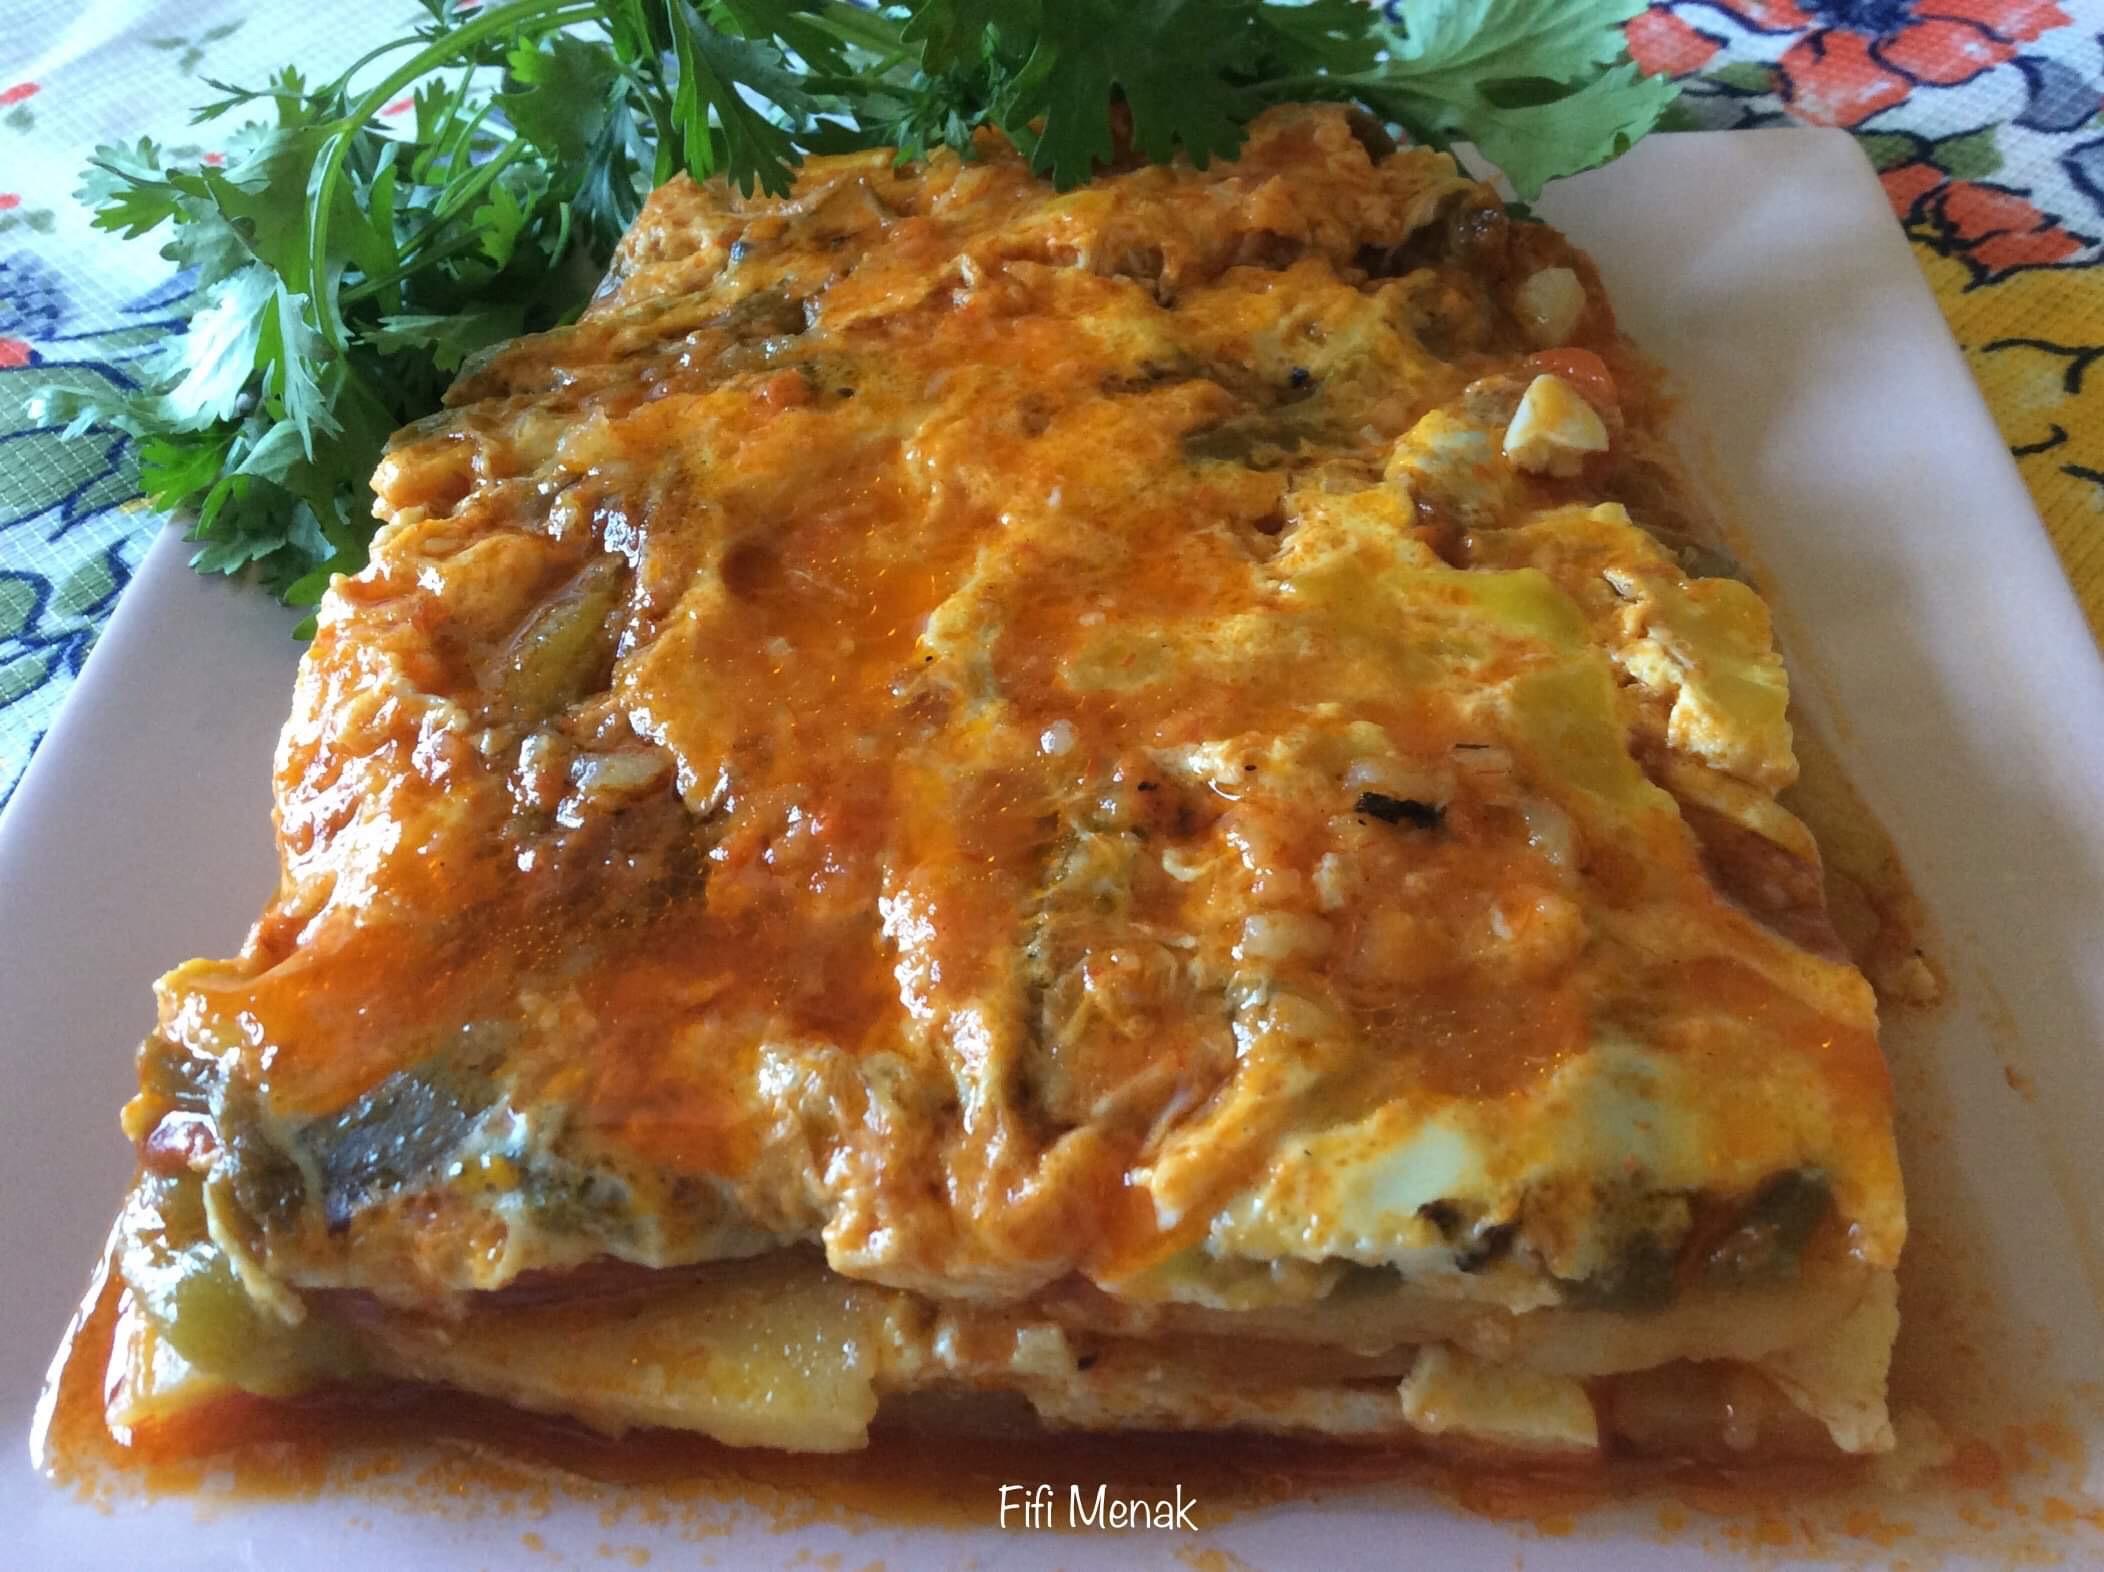 Râgout de pommes de terre aux poivrons grillés (Chtitha Batata bel felfel méchoui)